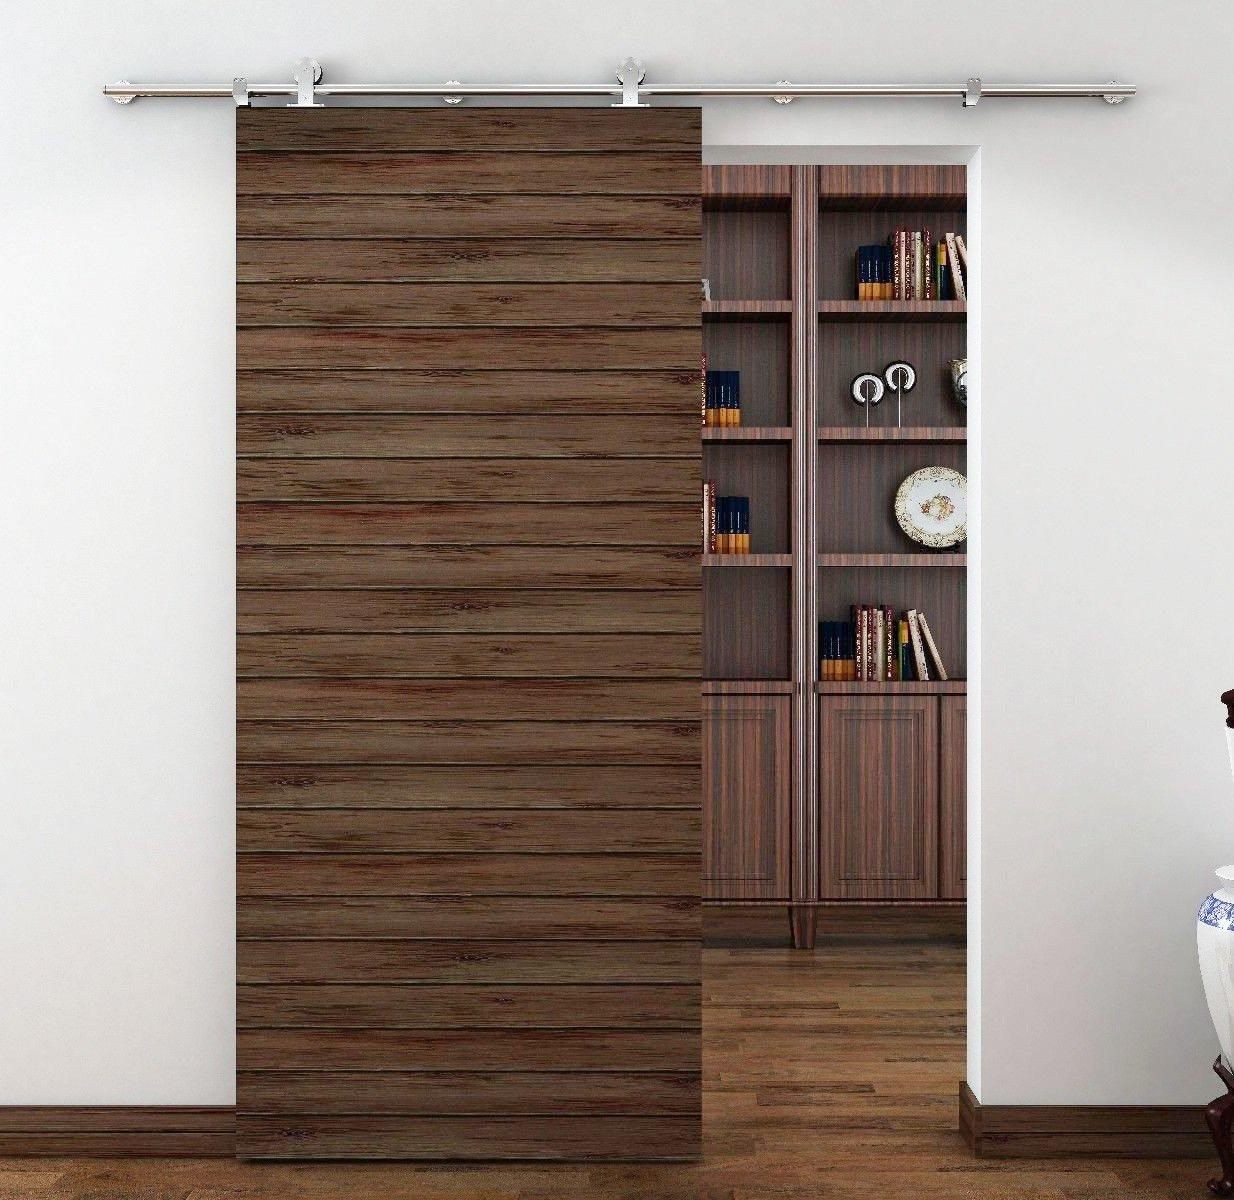 amoylimai TP-SS02 Sus304 - Mecanismo para puerta corredera estilo granero de acero inoxidable con acabado niquelado para puertas de zonas de almacenamiento, lavandería, salones, vestidores, etc.: Amazon.es: Bricolaje y herramientas